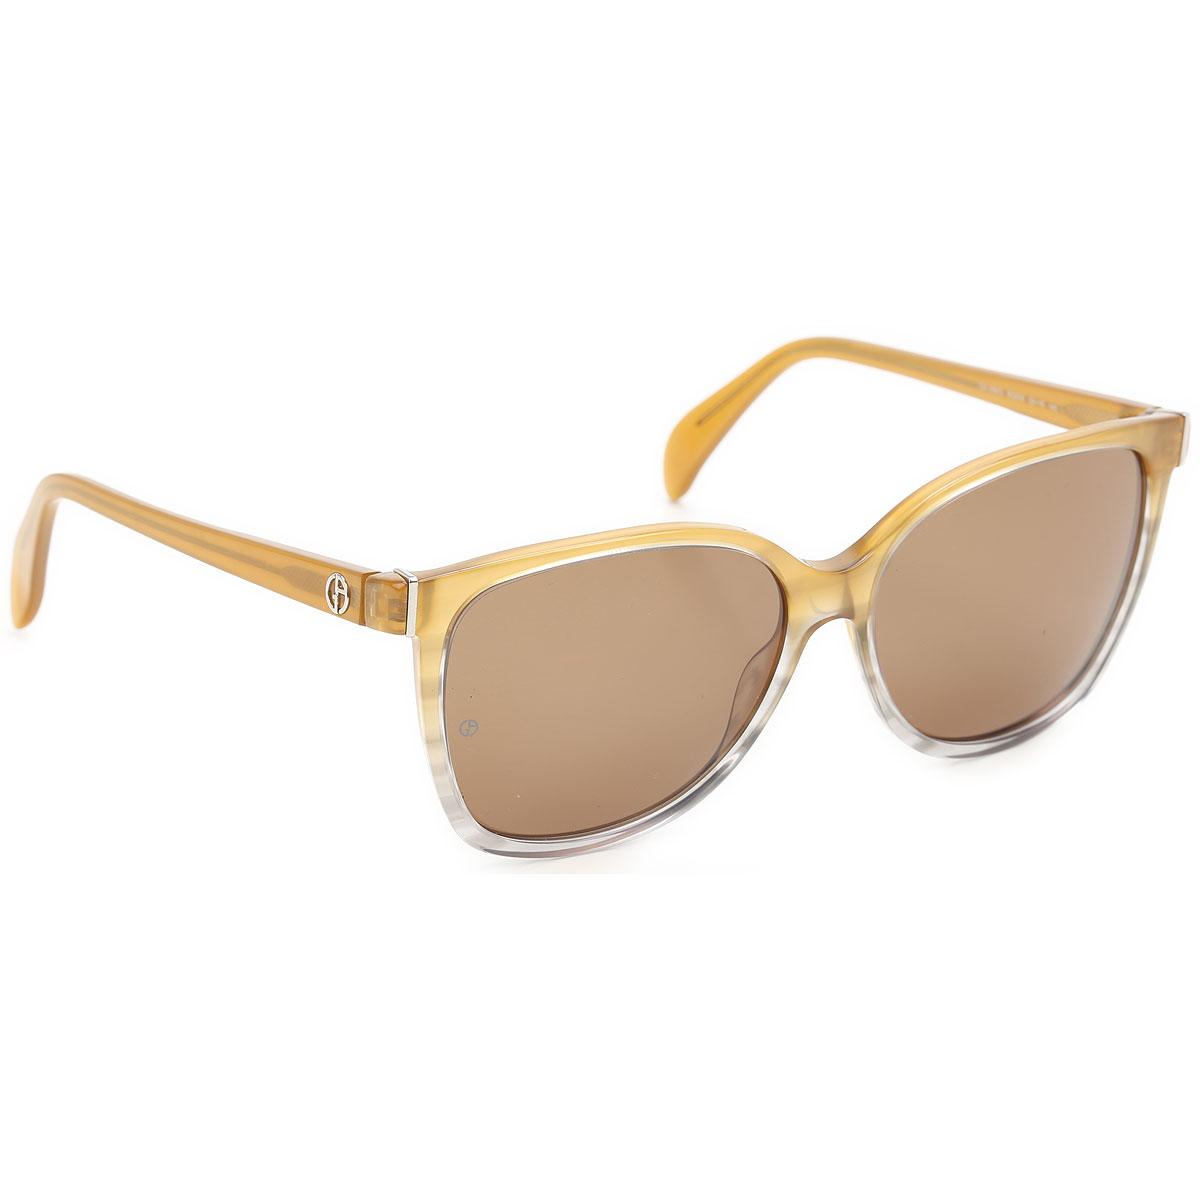 Sunglasses Giorgio Armani, Style code: ga819s-sq958-